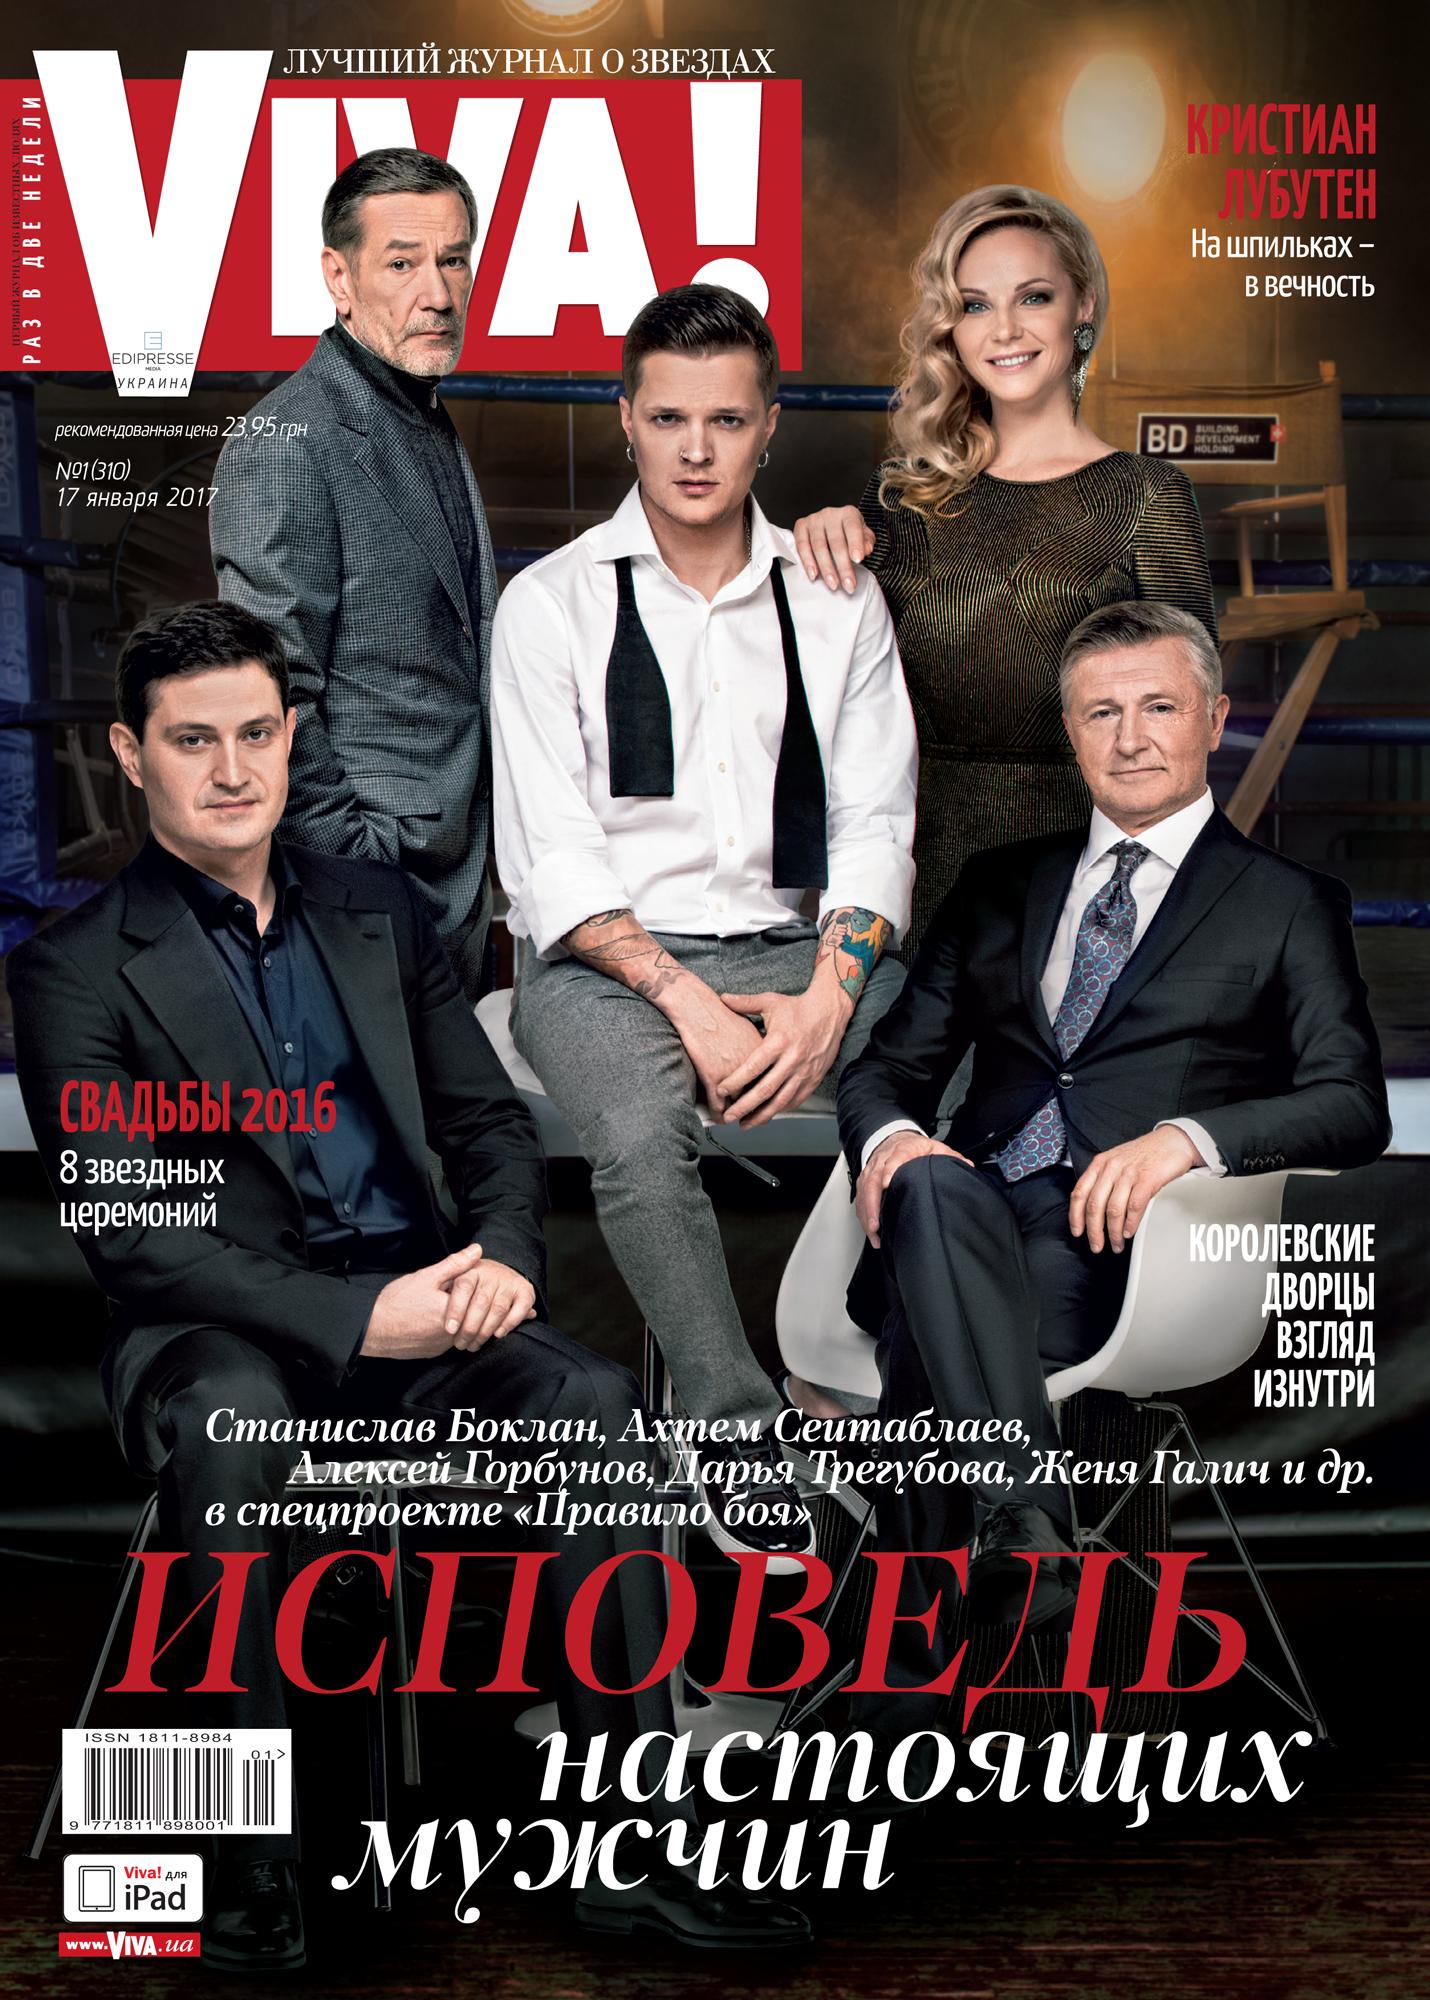 Правило боя в журнале Viva!